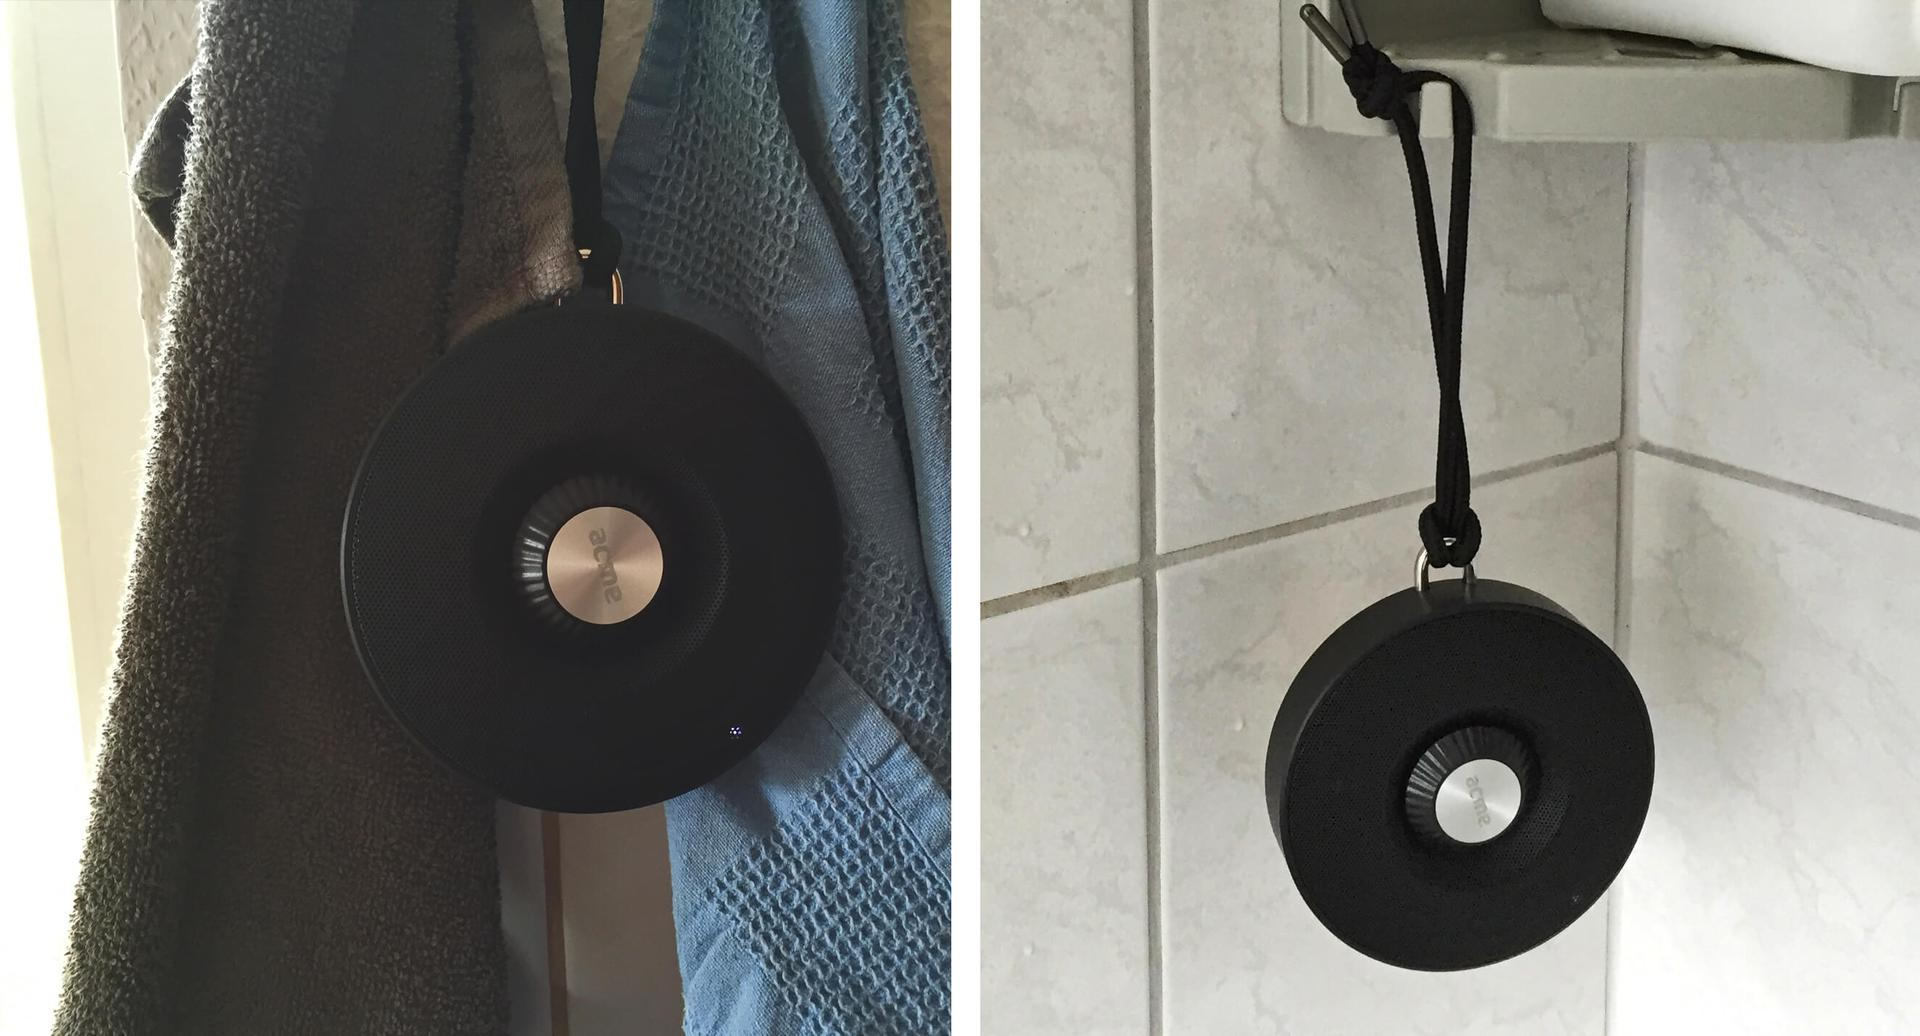 Immer dabei: Der ACME BAT in der Küche und in der Dusche